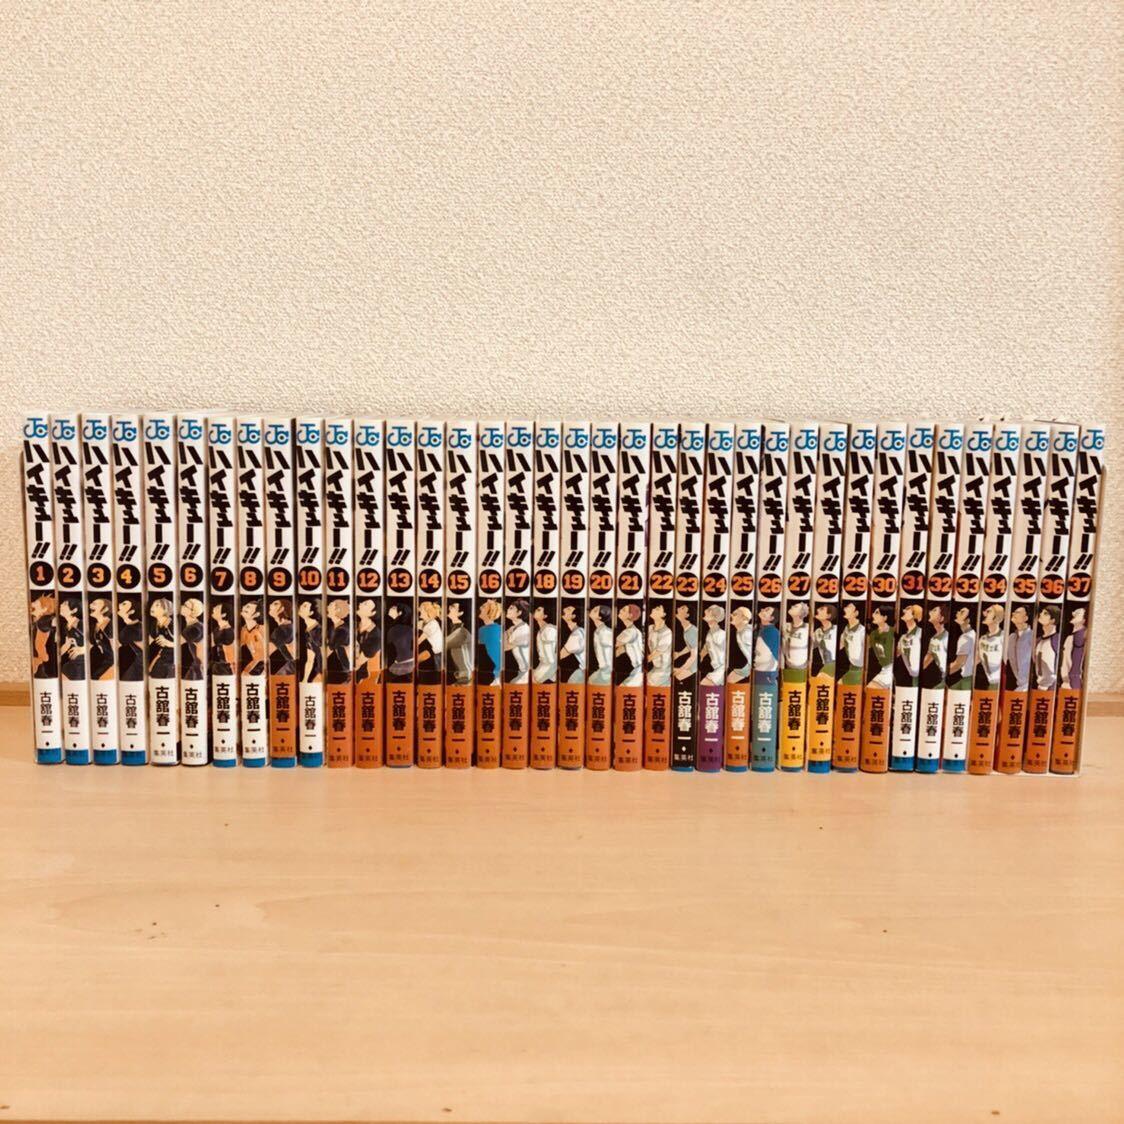 【帯付多数 新品有】ハイキュー!! 全巻セット 1巻~37巻 漫画 マンガ コミック